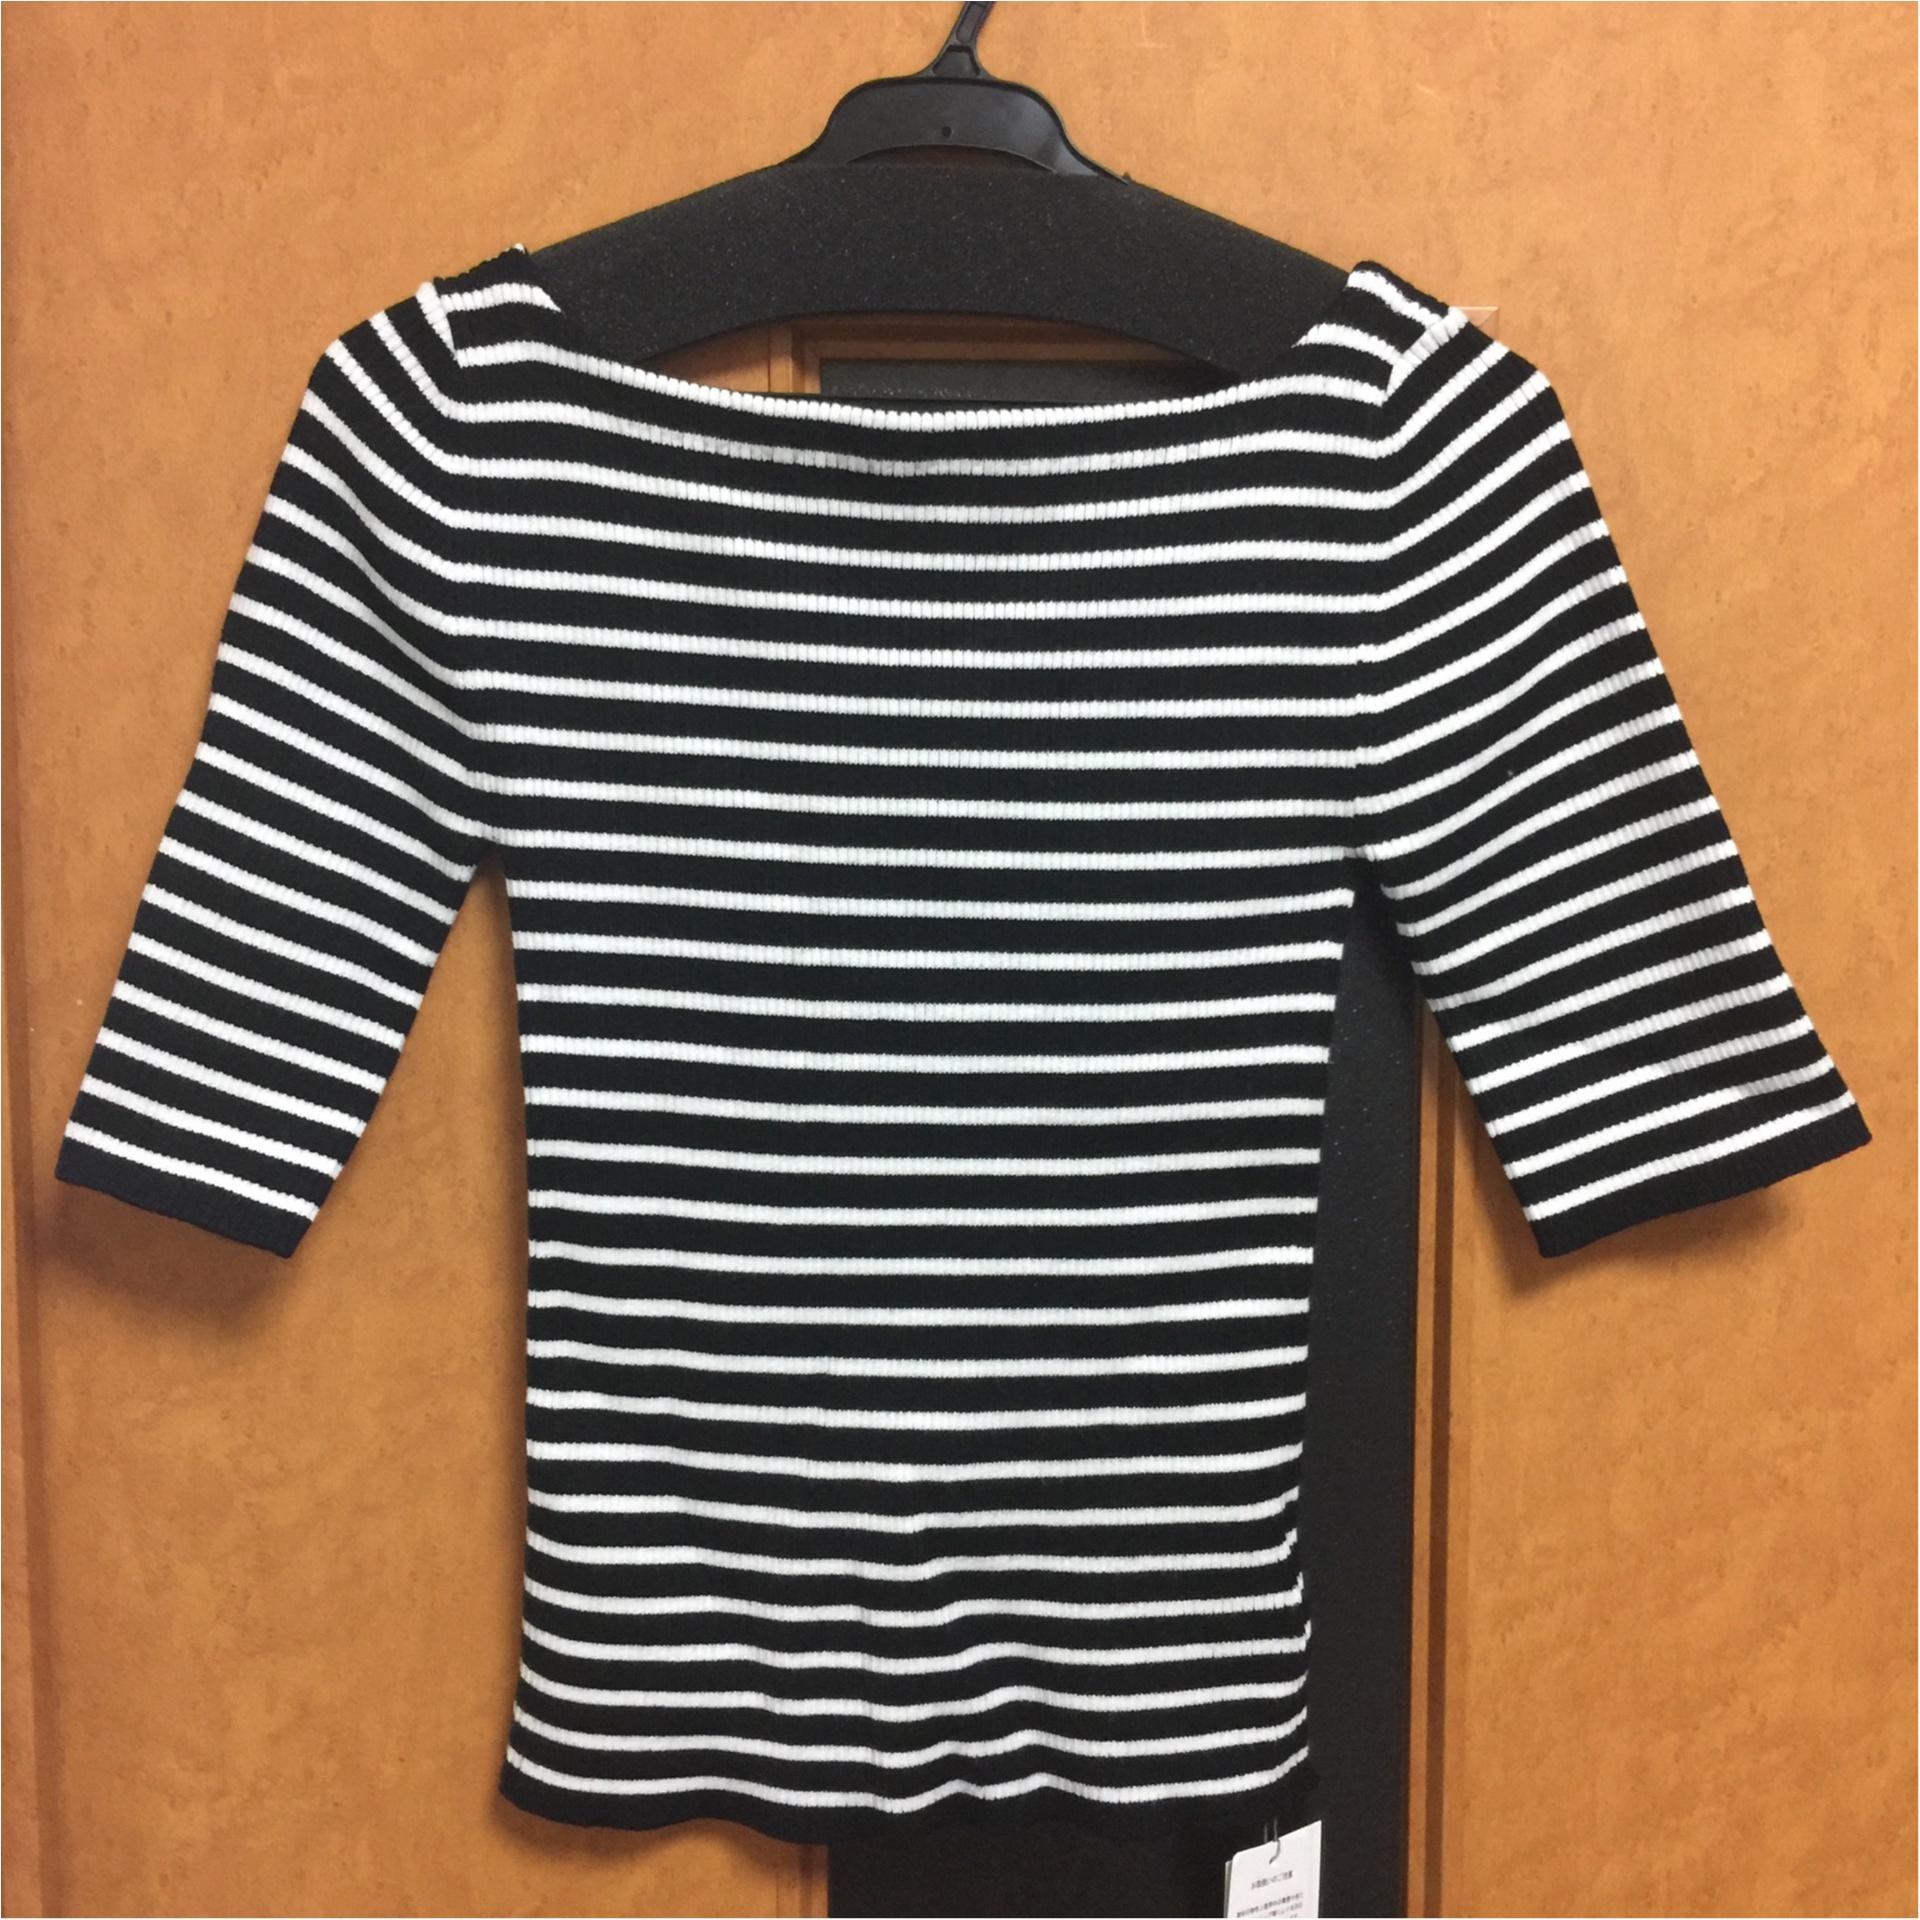 春の展示会でorderしたsnidelの新作お洋服が届きました♡今年はのトレンドの◯◯もばっちりおさえてます✌︎_1